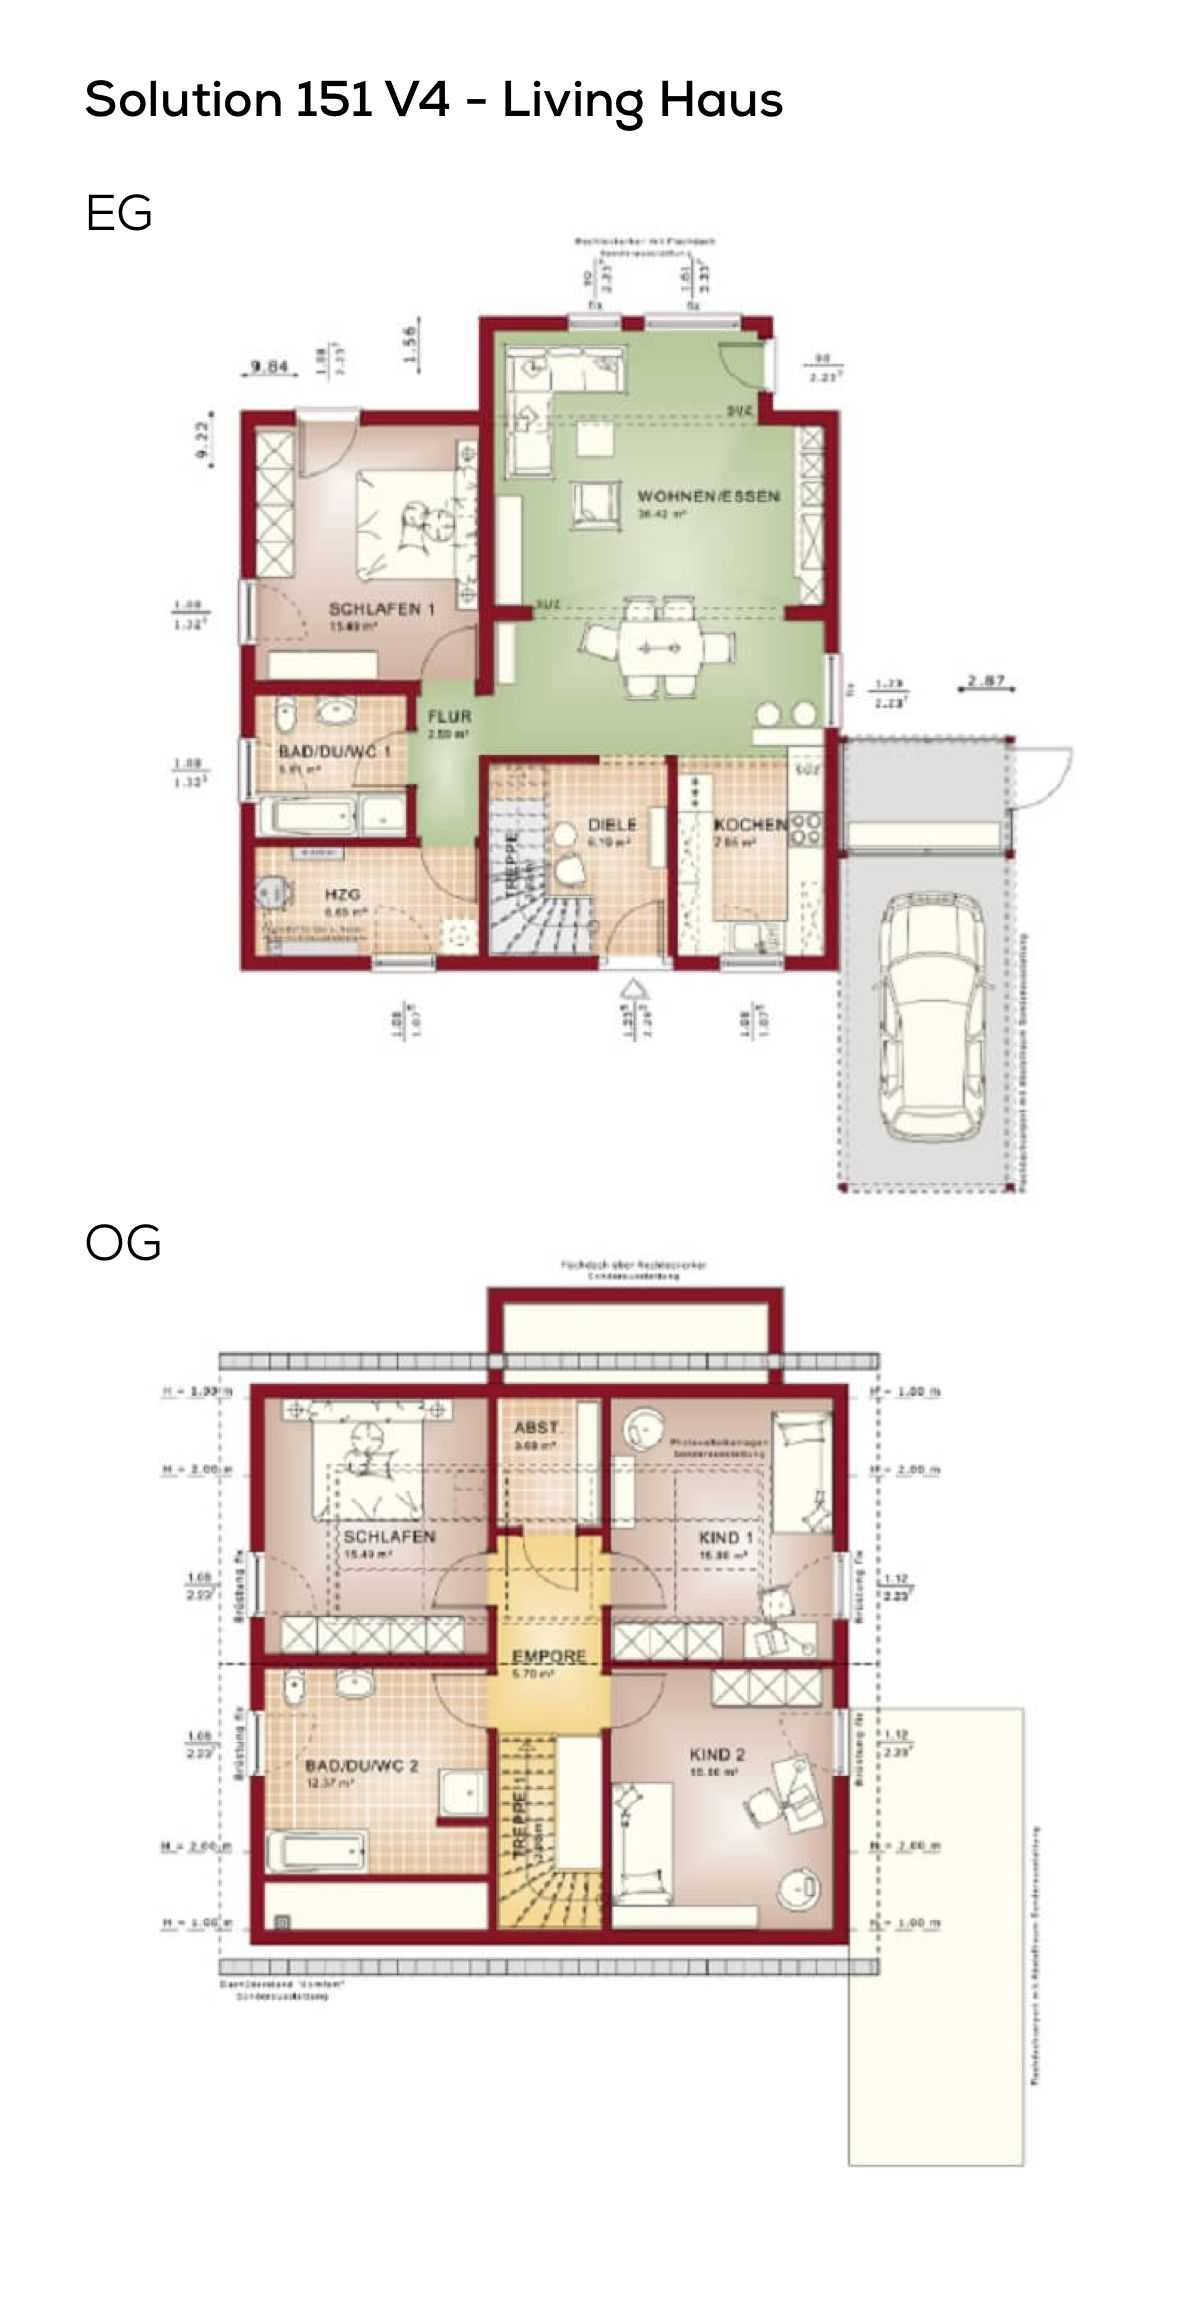 Grundriss Einfamilienhaus mit Satteldach - 5 Zimmer, 150 qm ...